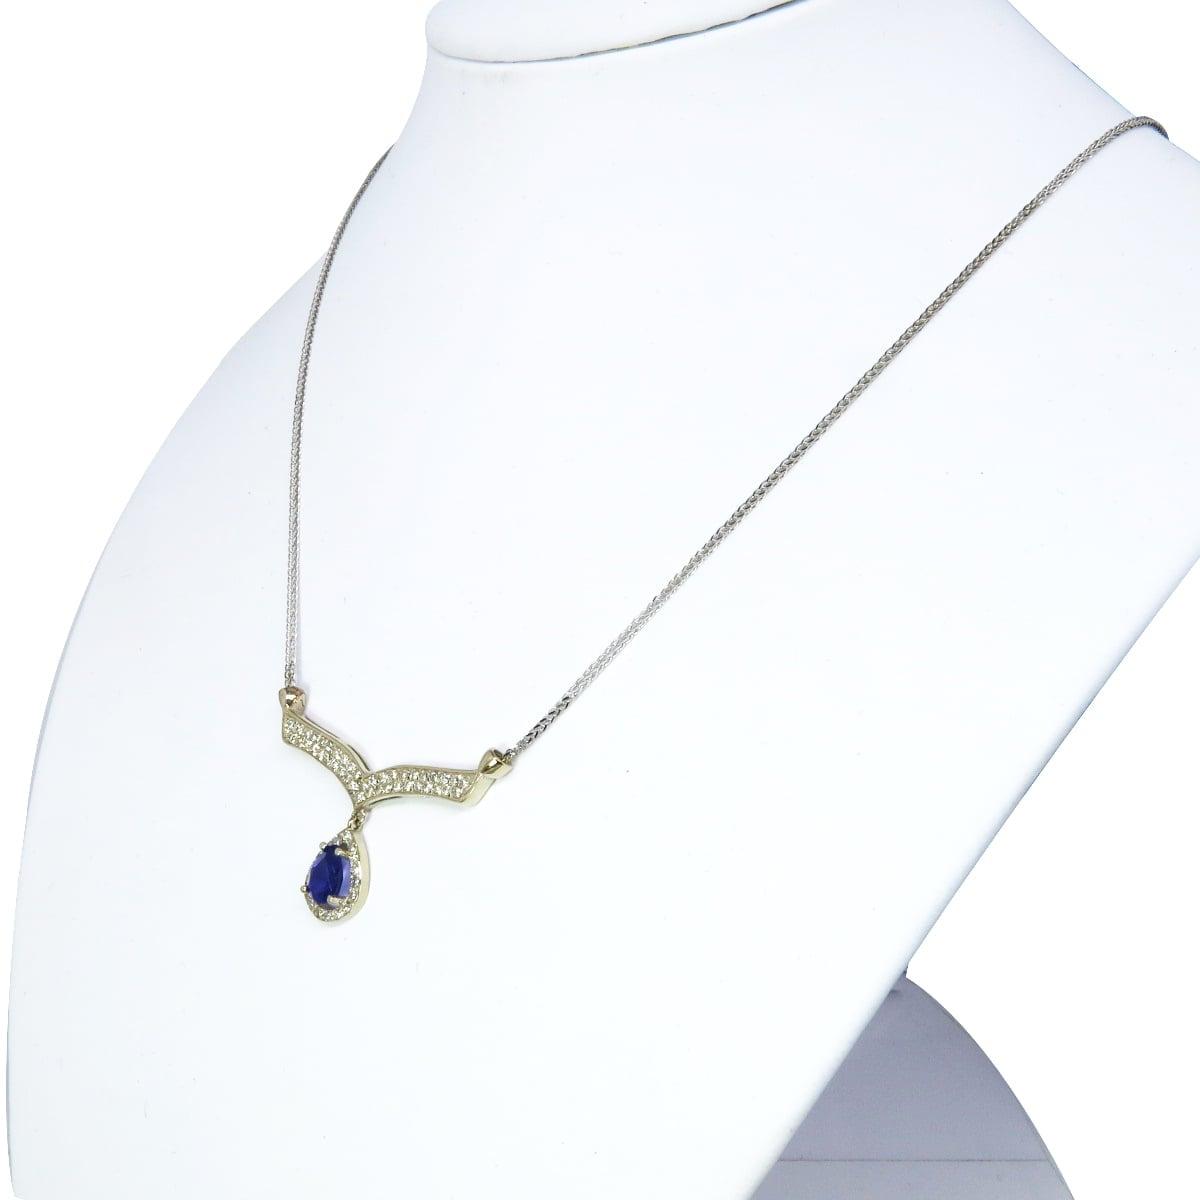 שרשרת זהב לבן 14 קרט משובץ אמטיסט ויהלומים 0.50 קראט